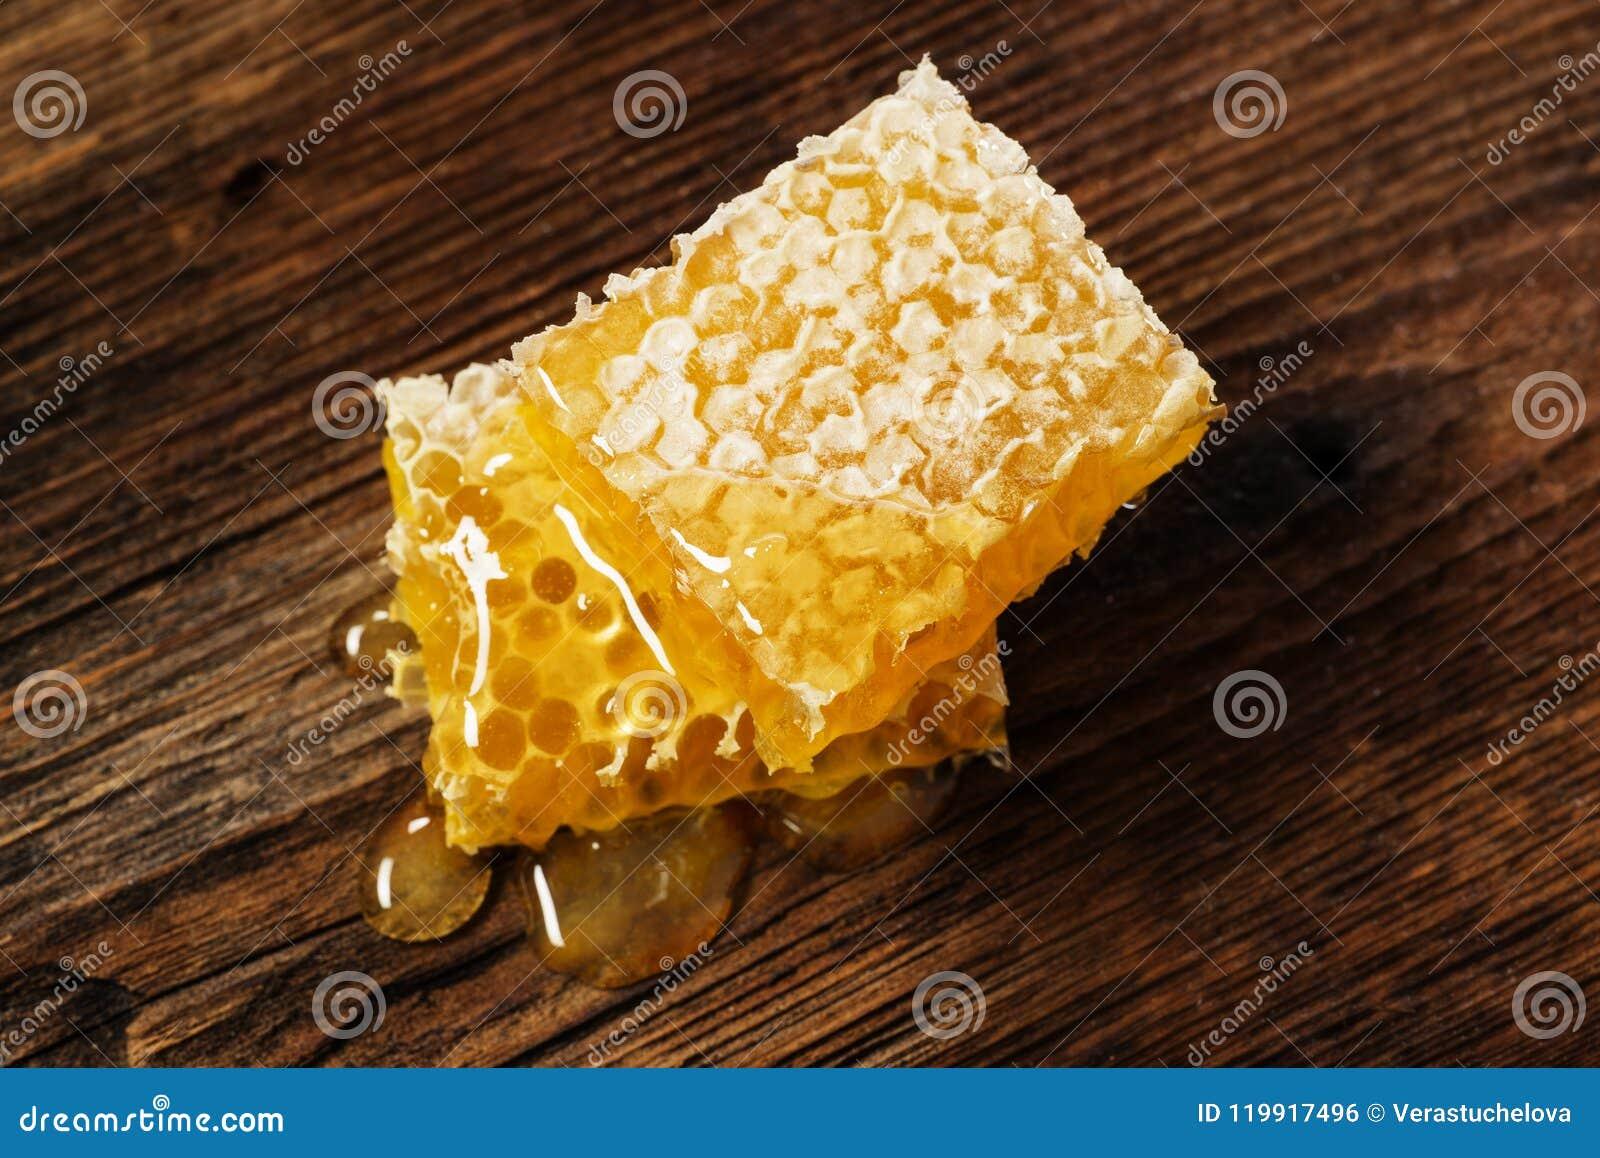 Honeycomb z miodem na drewnianym stole